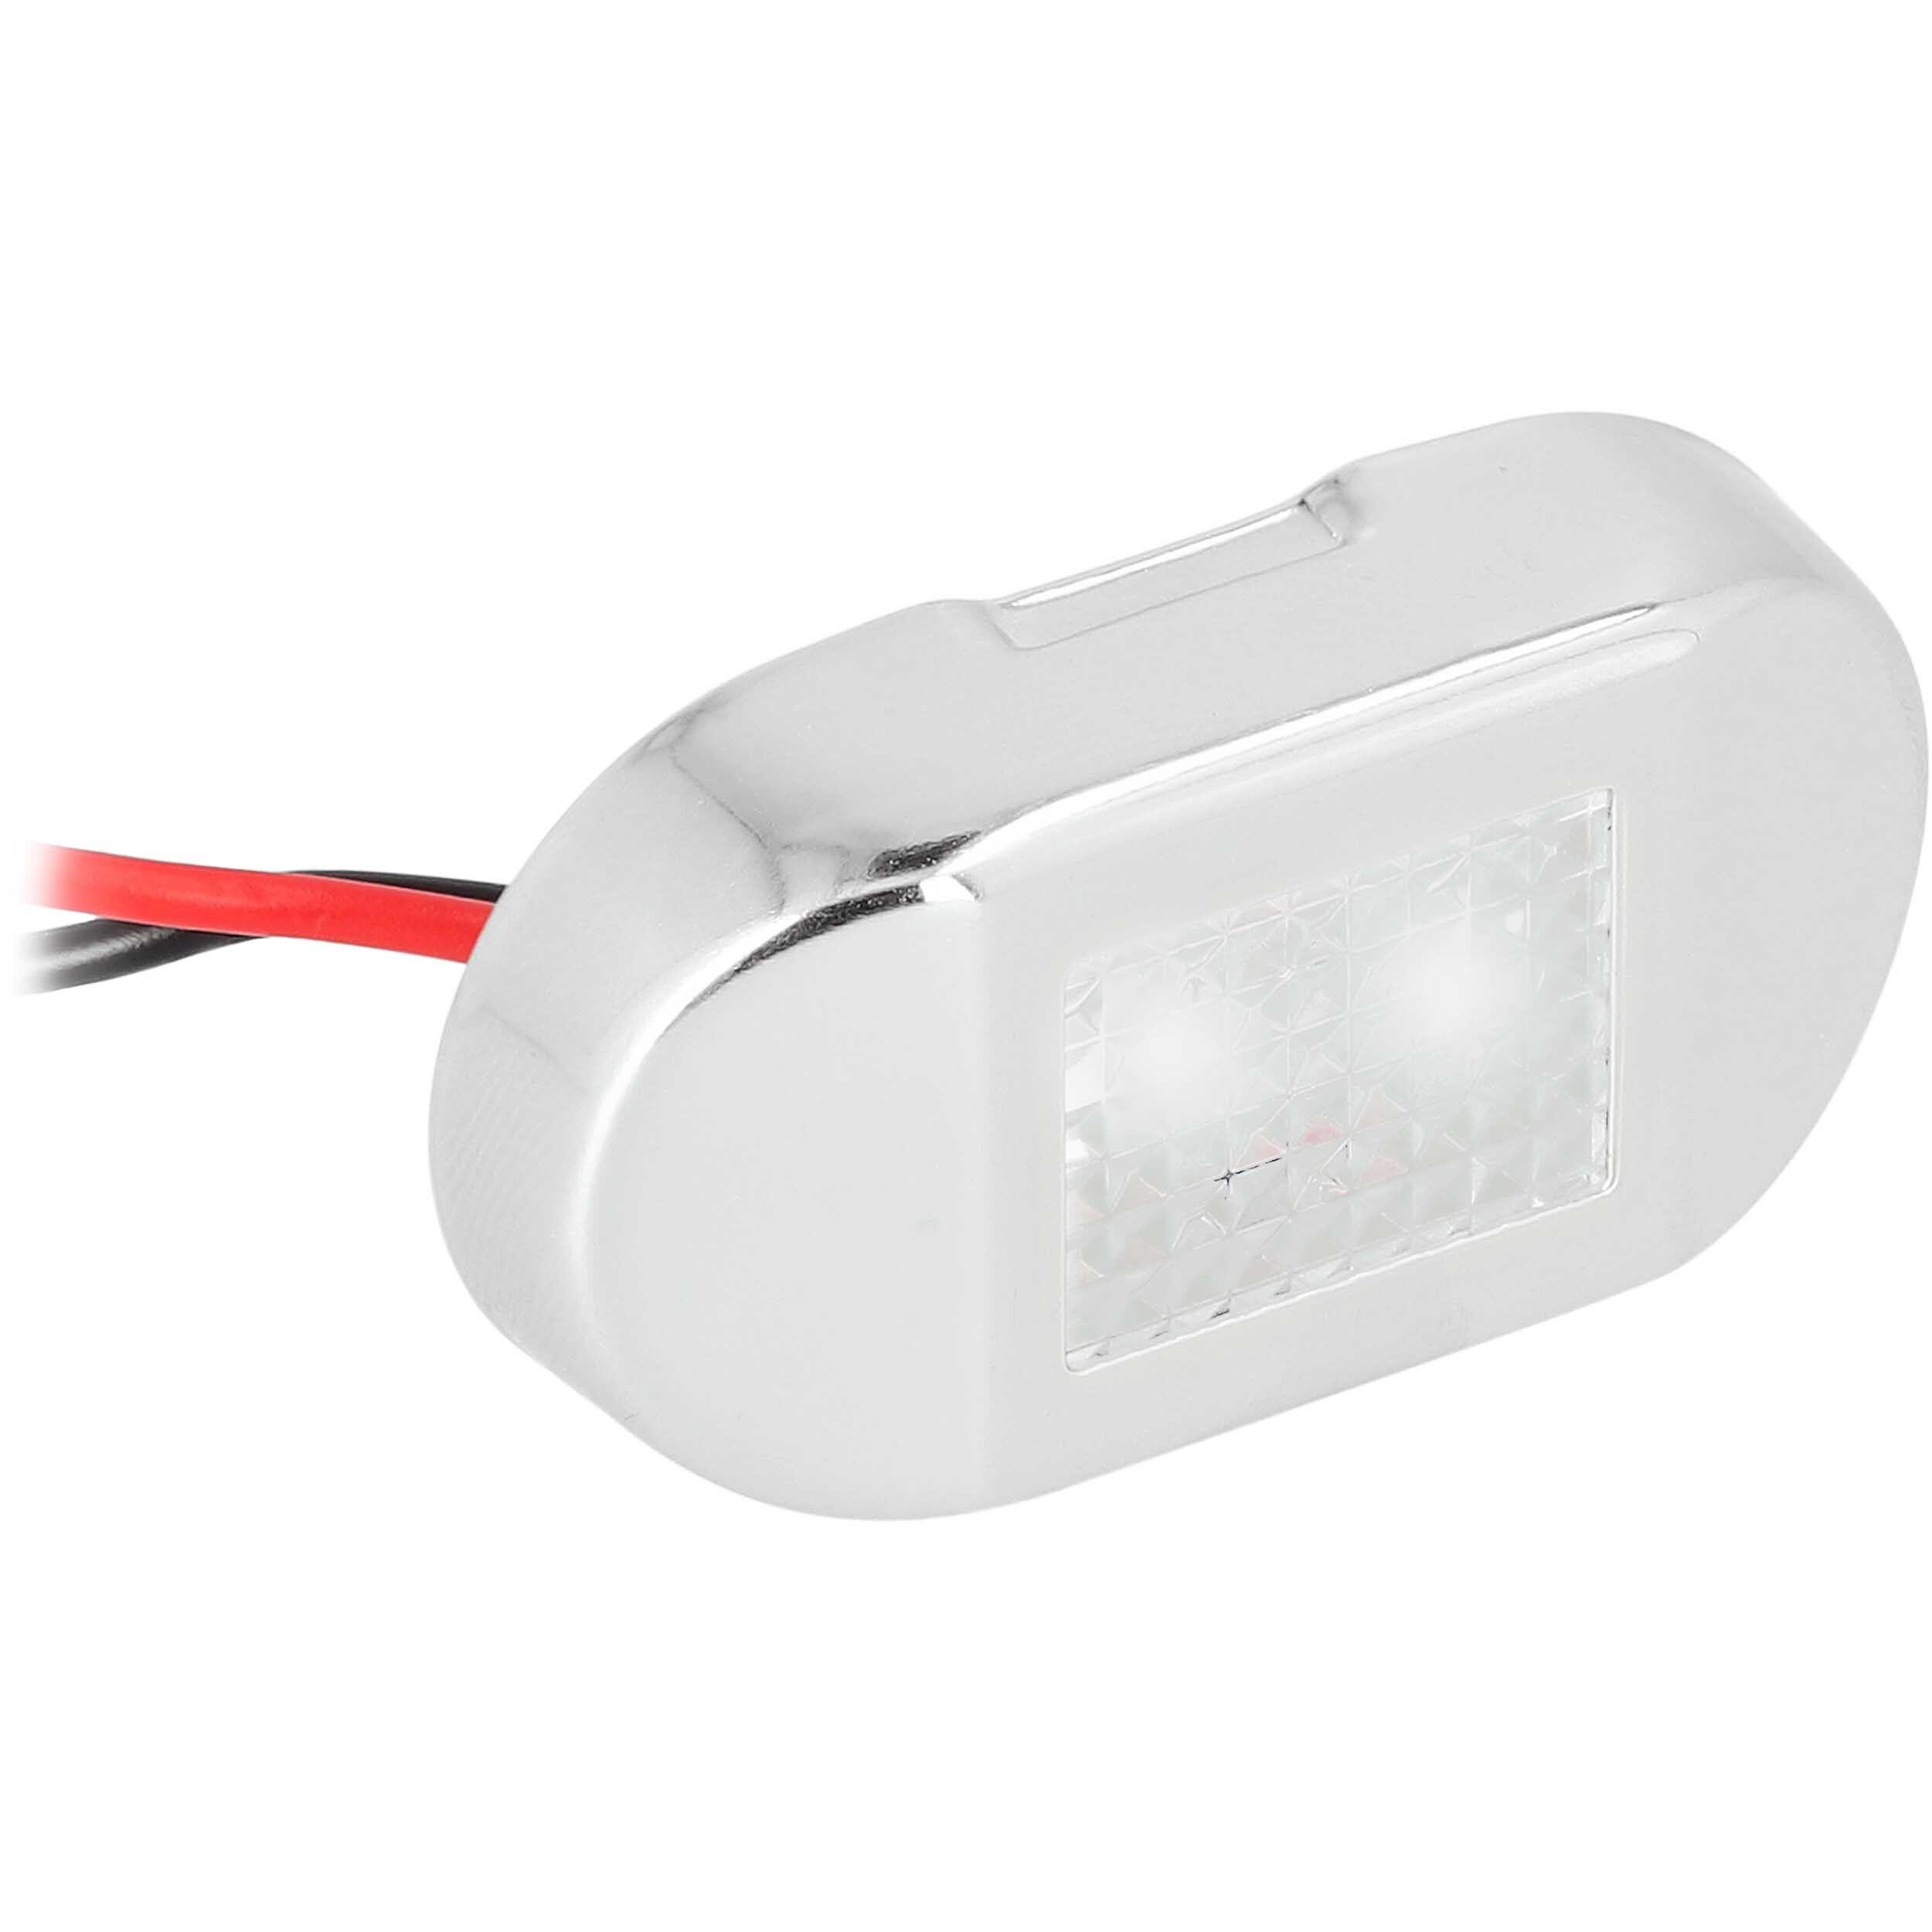 White 2-LED Accent Light - Stainless Steel Bezel